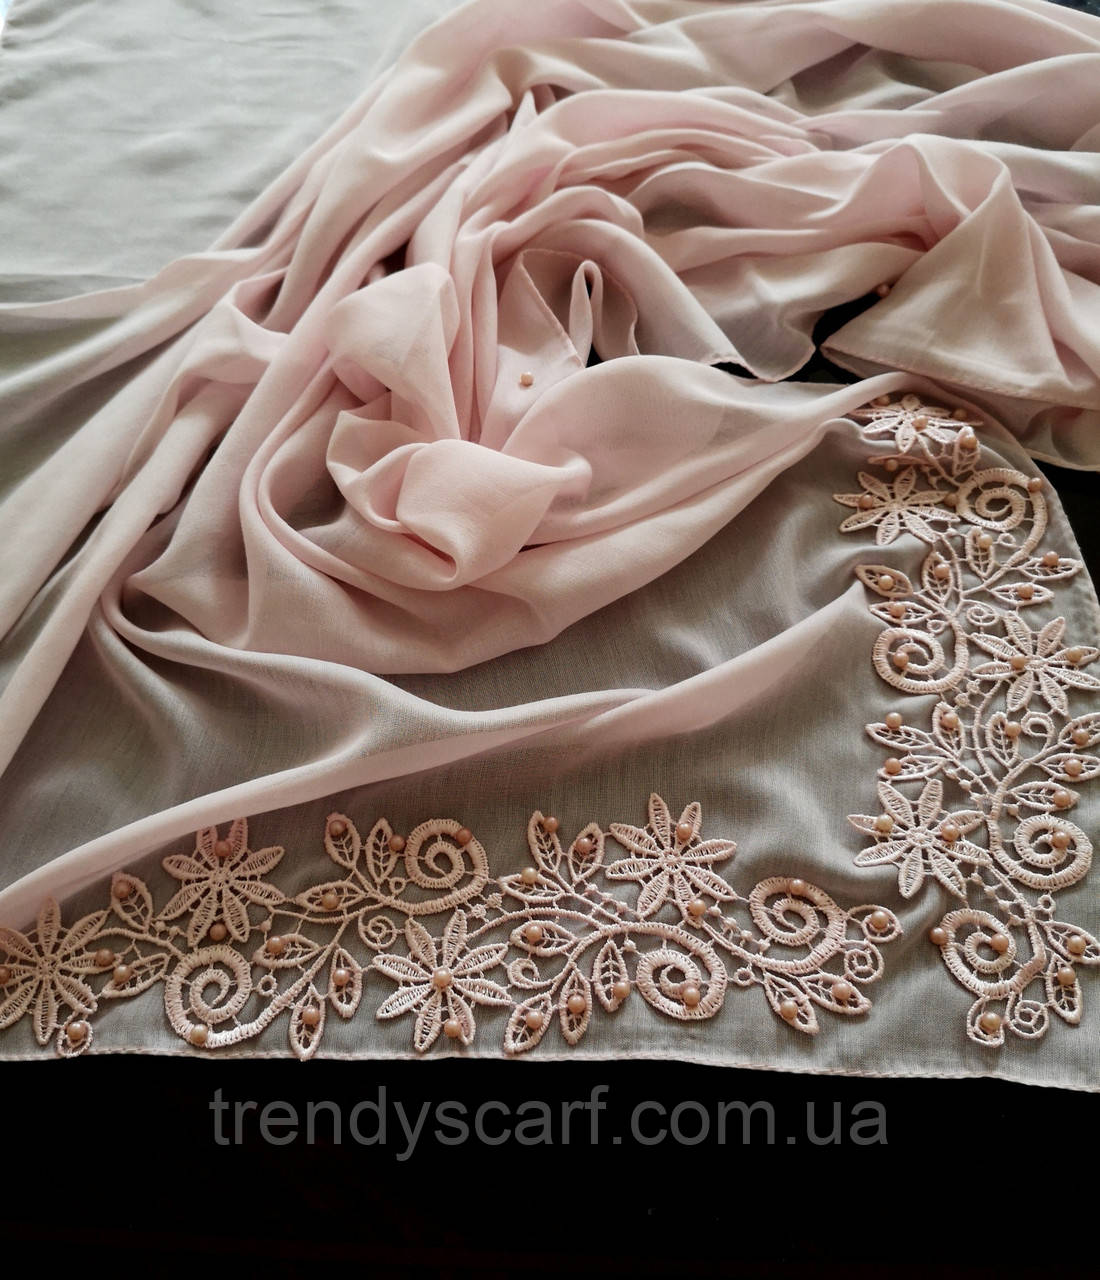 Женский платок на голову, шею.Розовый. Светло розовый. Кружево бусины. Батист. 95/95